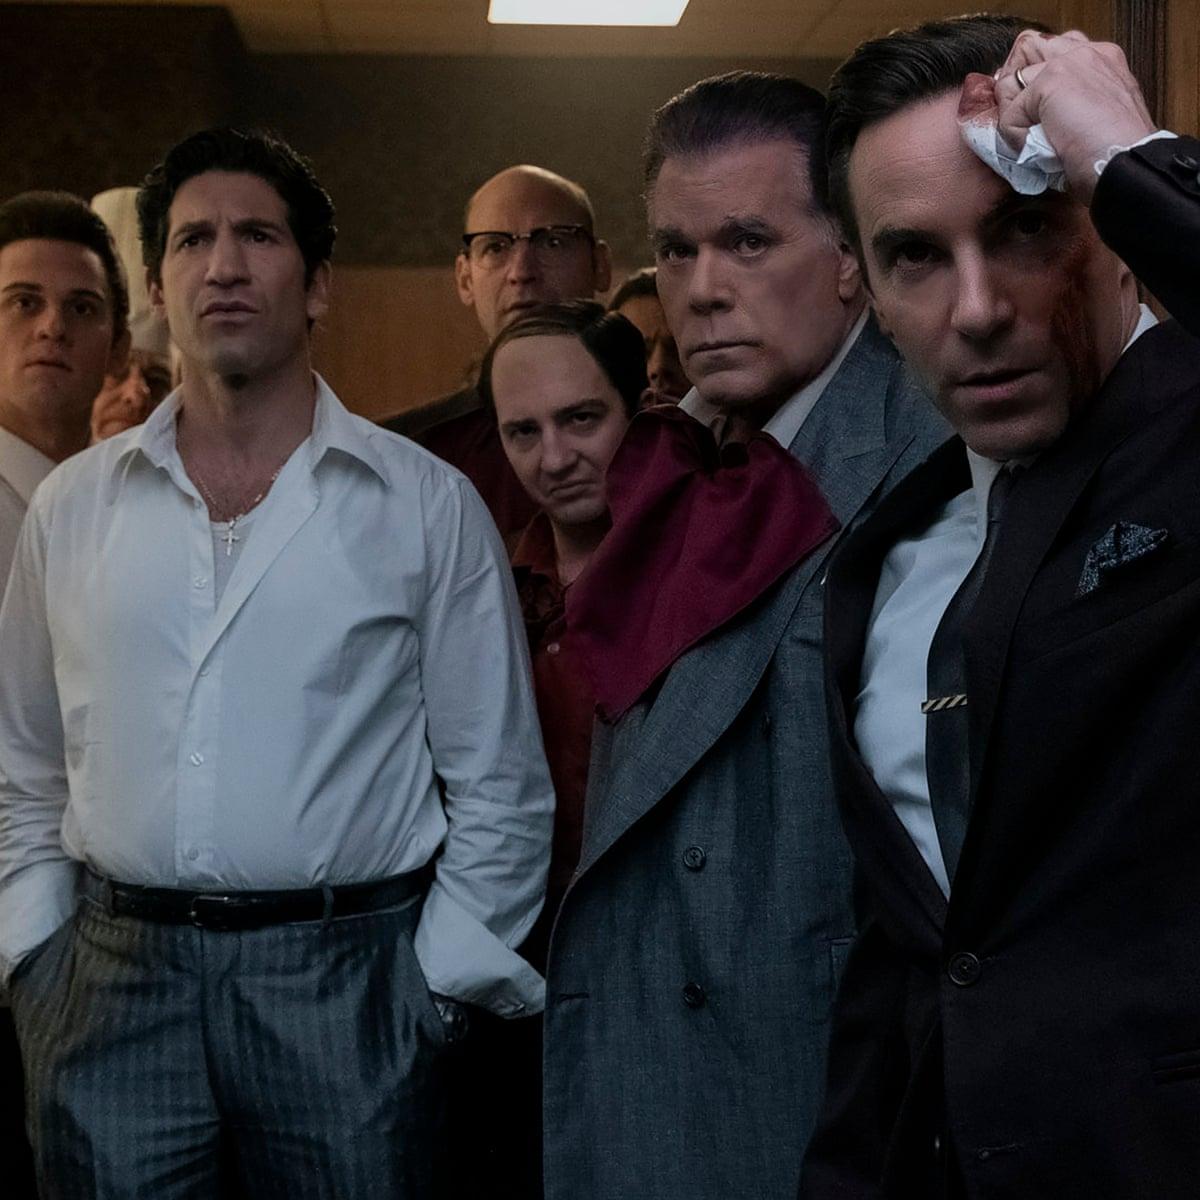 Billy Magnussen, Jon Bernthal, Corey Stoll, John Magaro, Ray Liotta e Alessandro Nivola